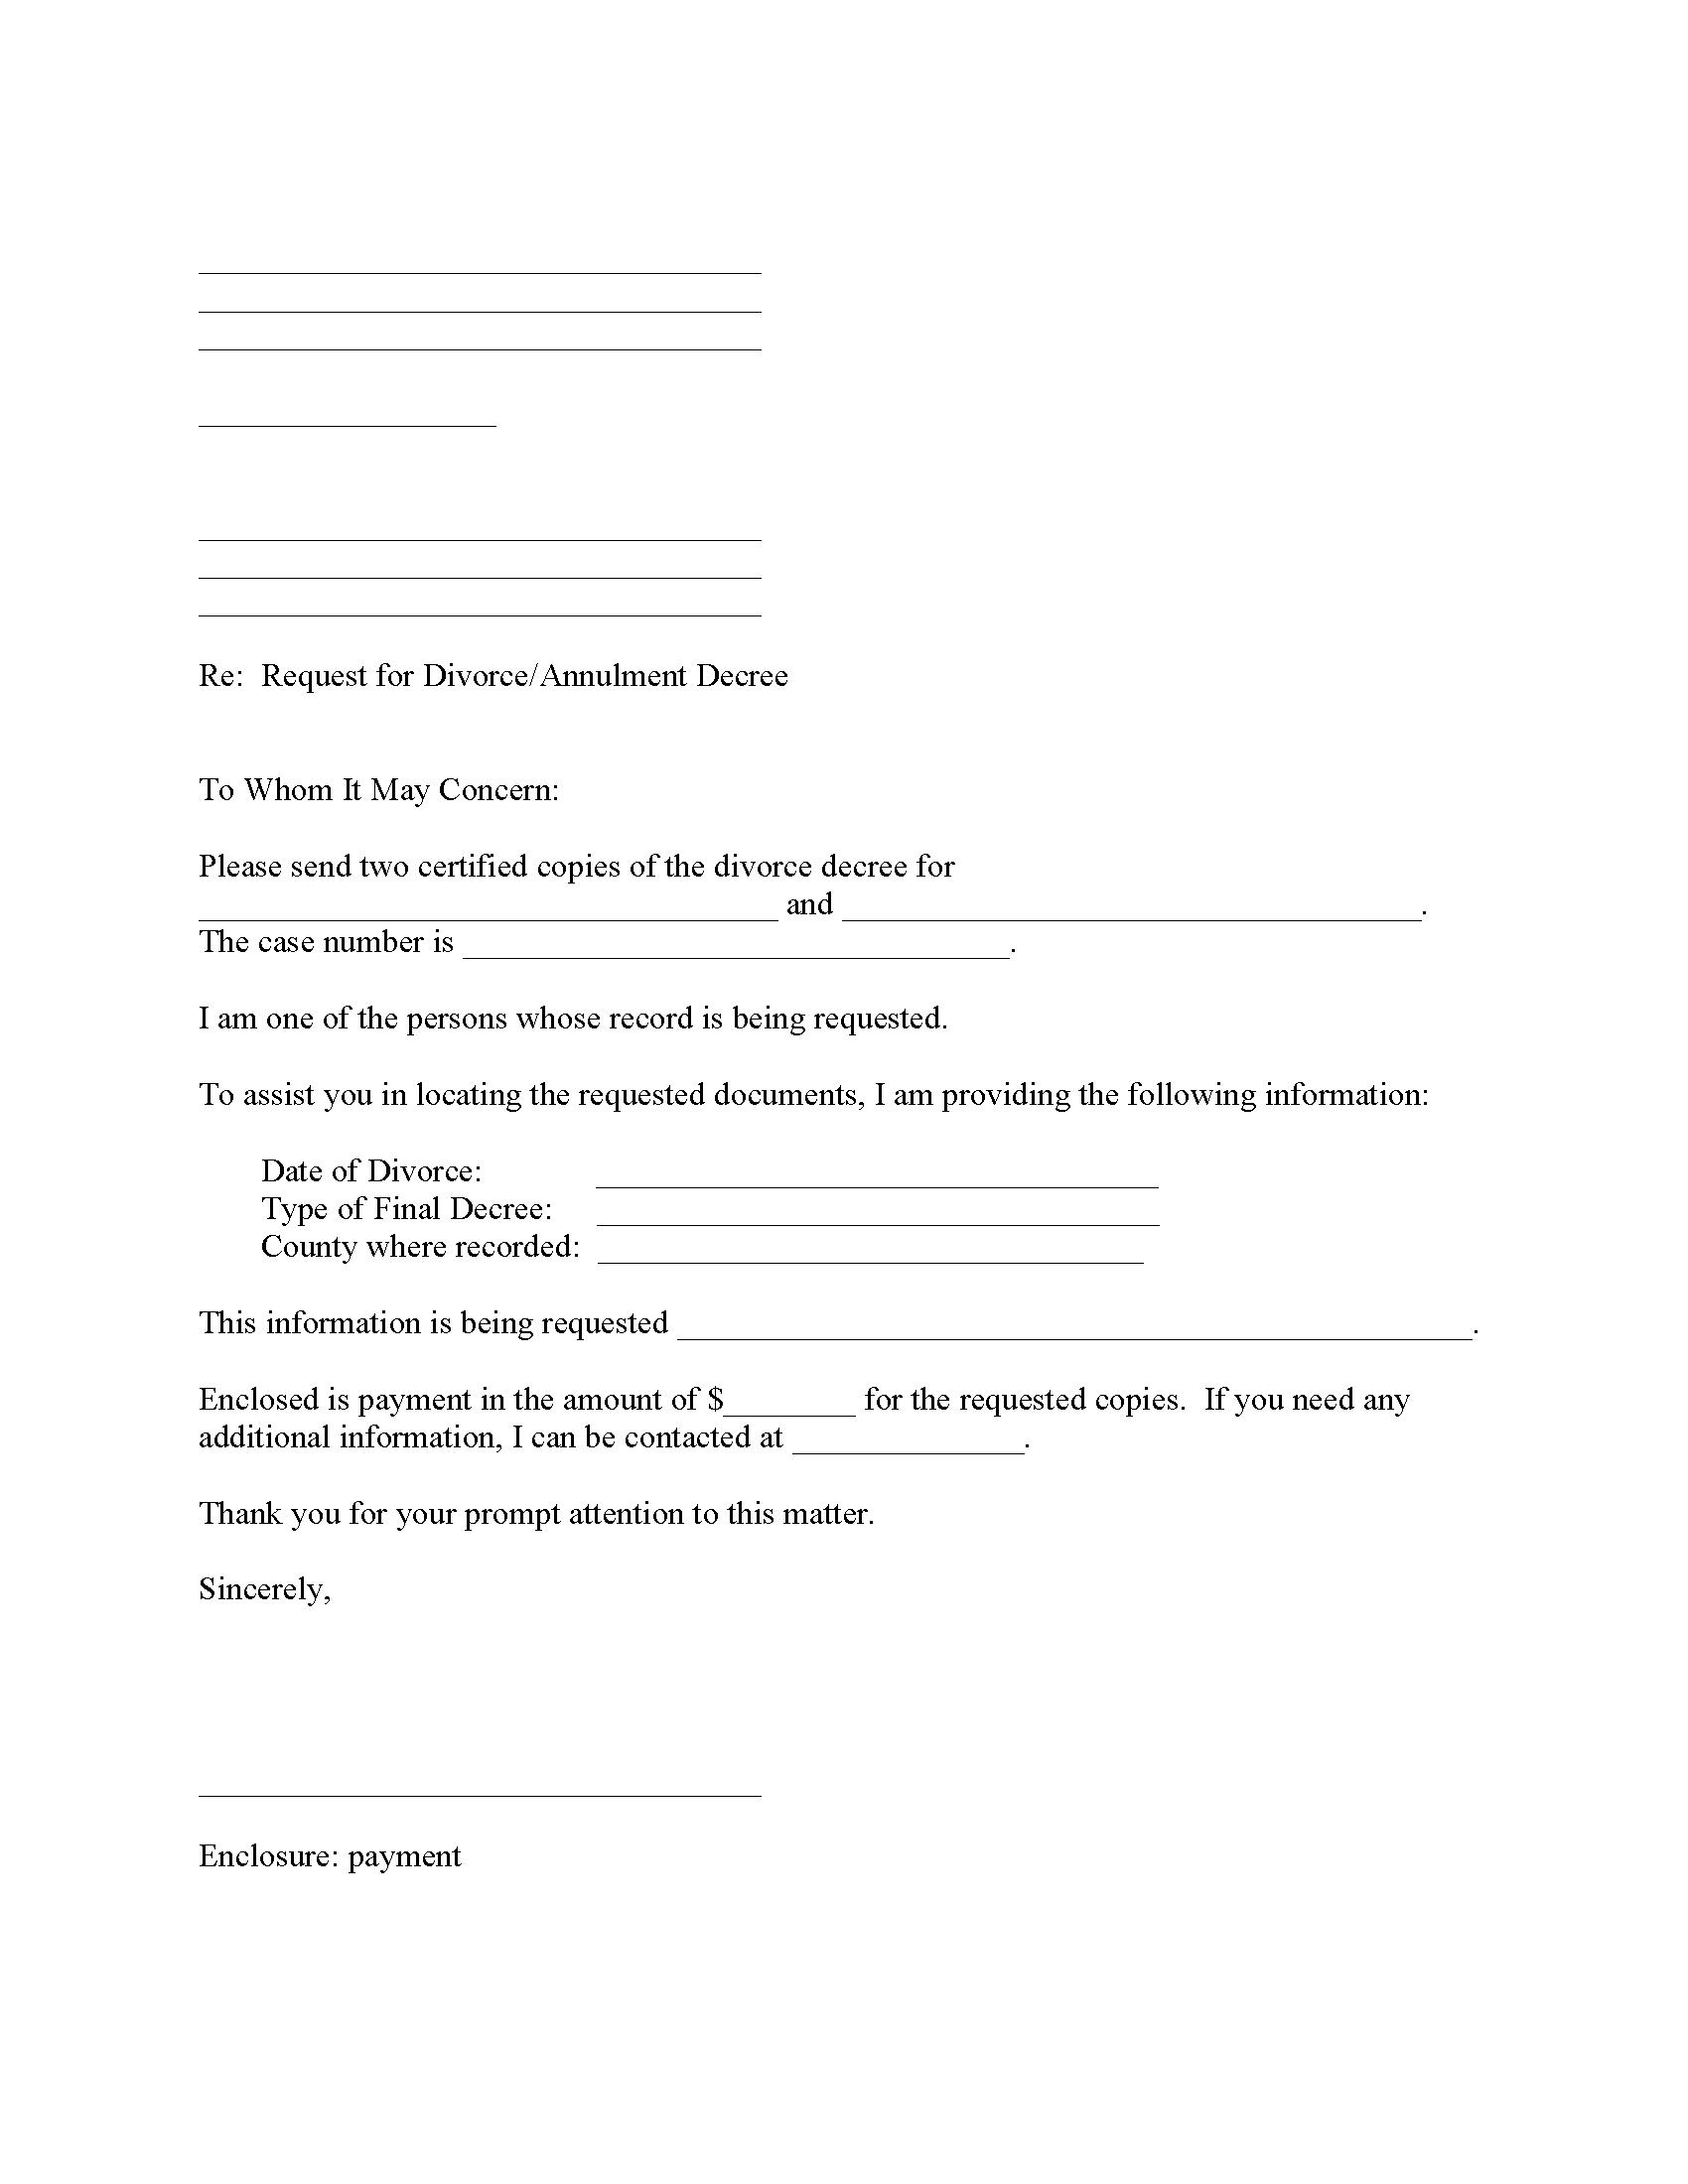 Request Copy of Divorce